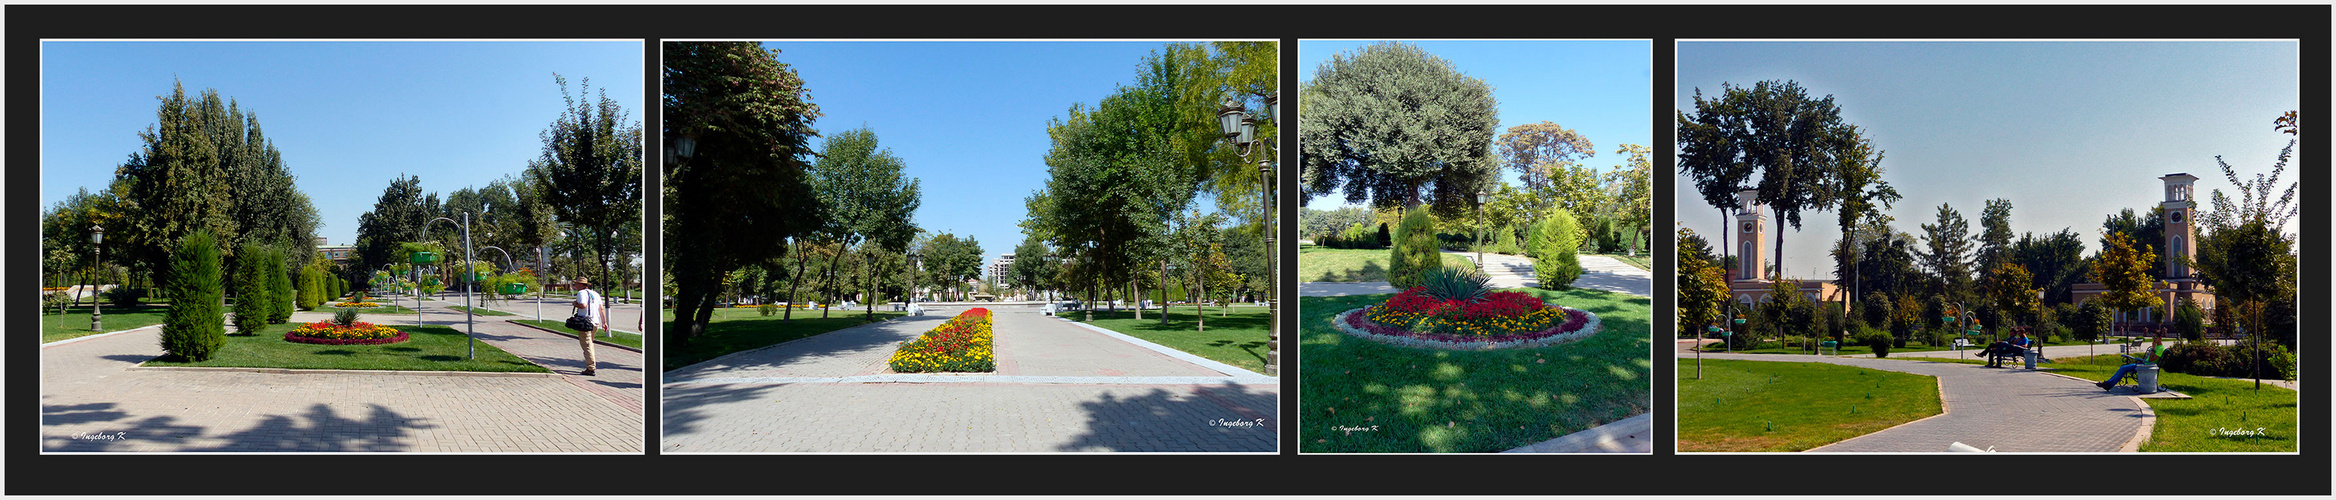 Taschkent - Parkanlagen in der Innenstadt